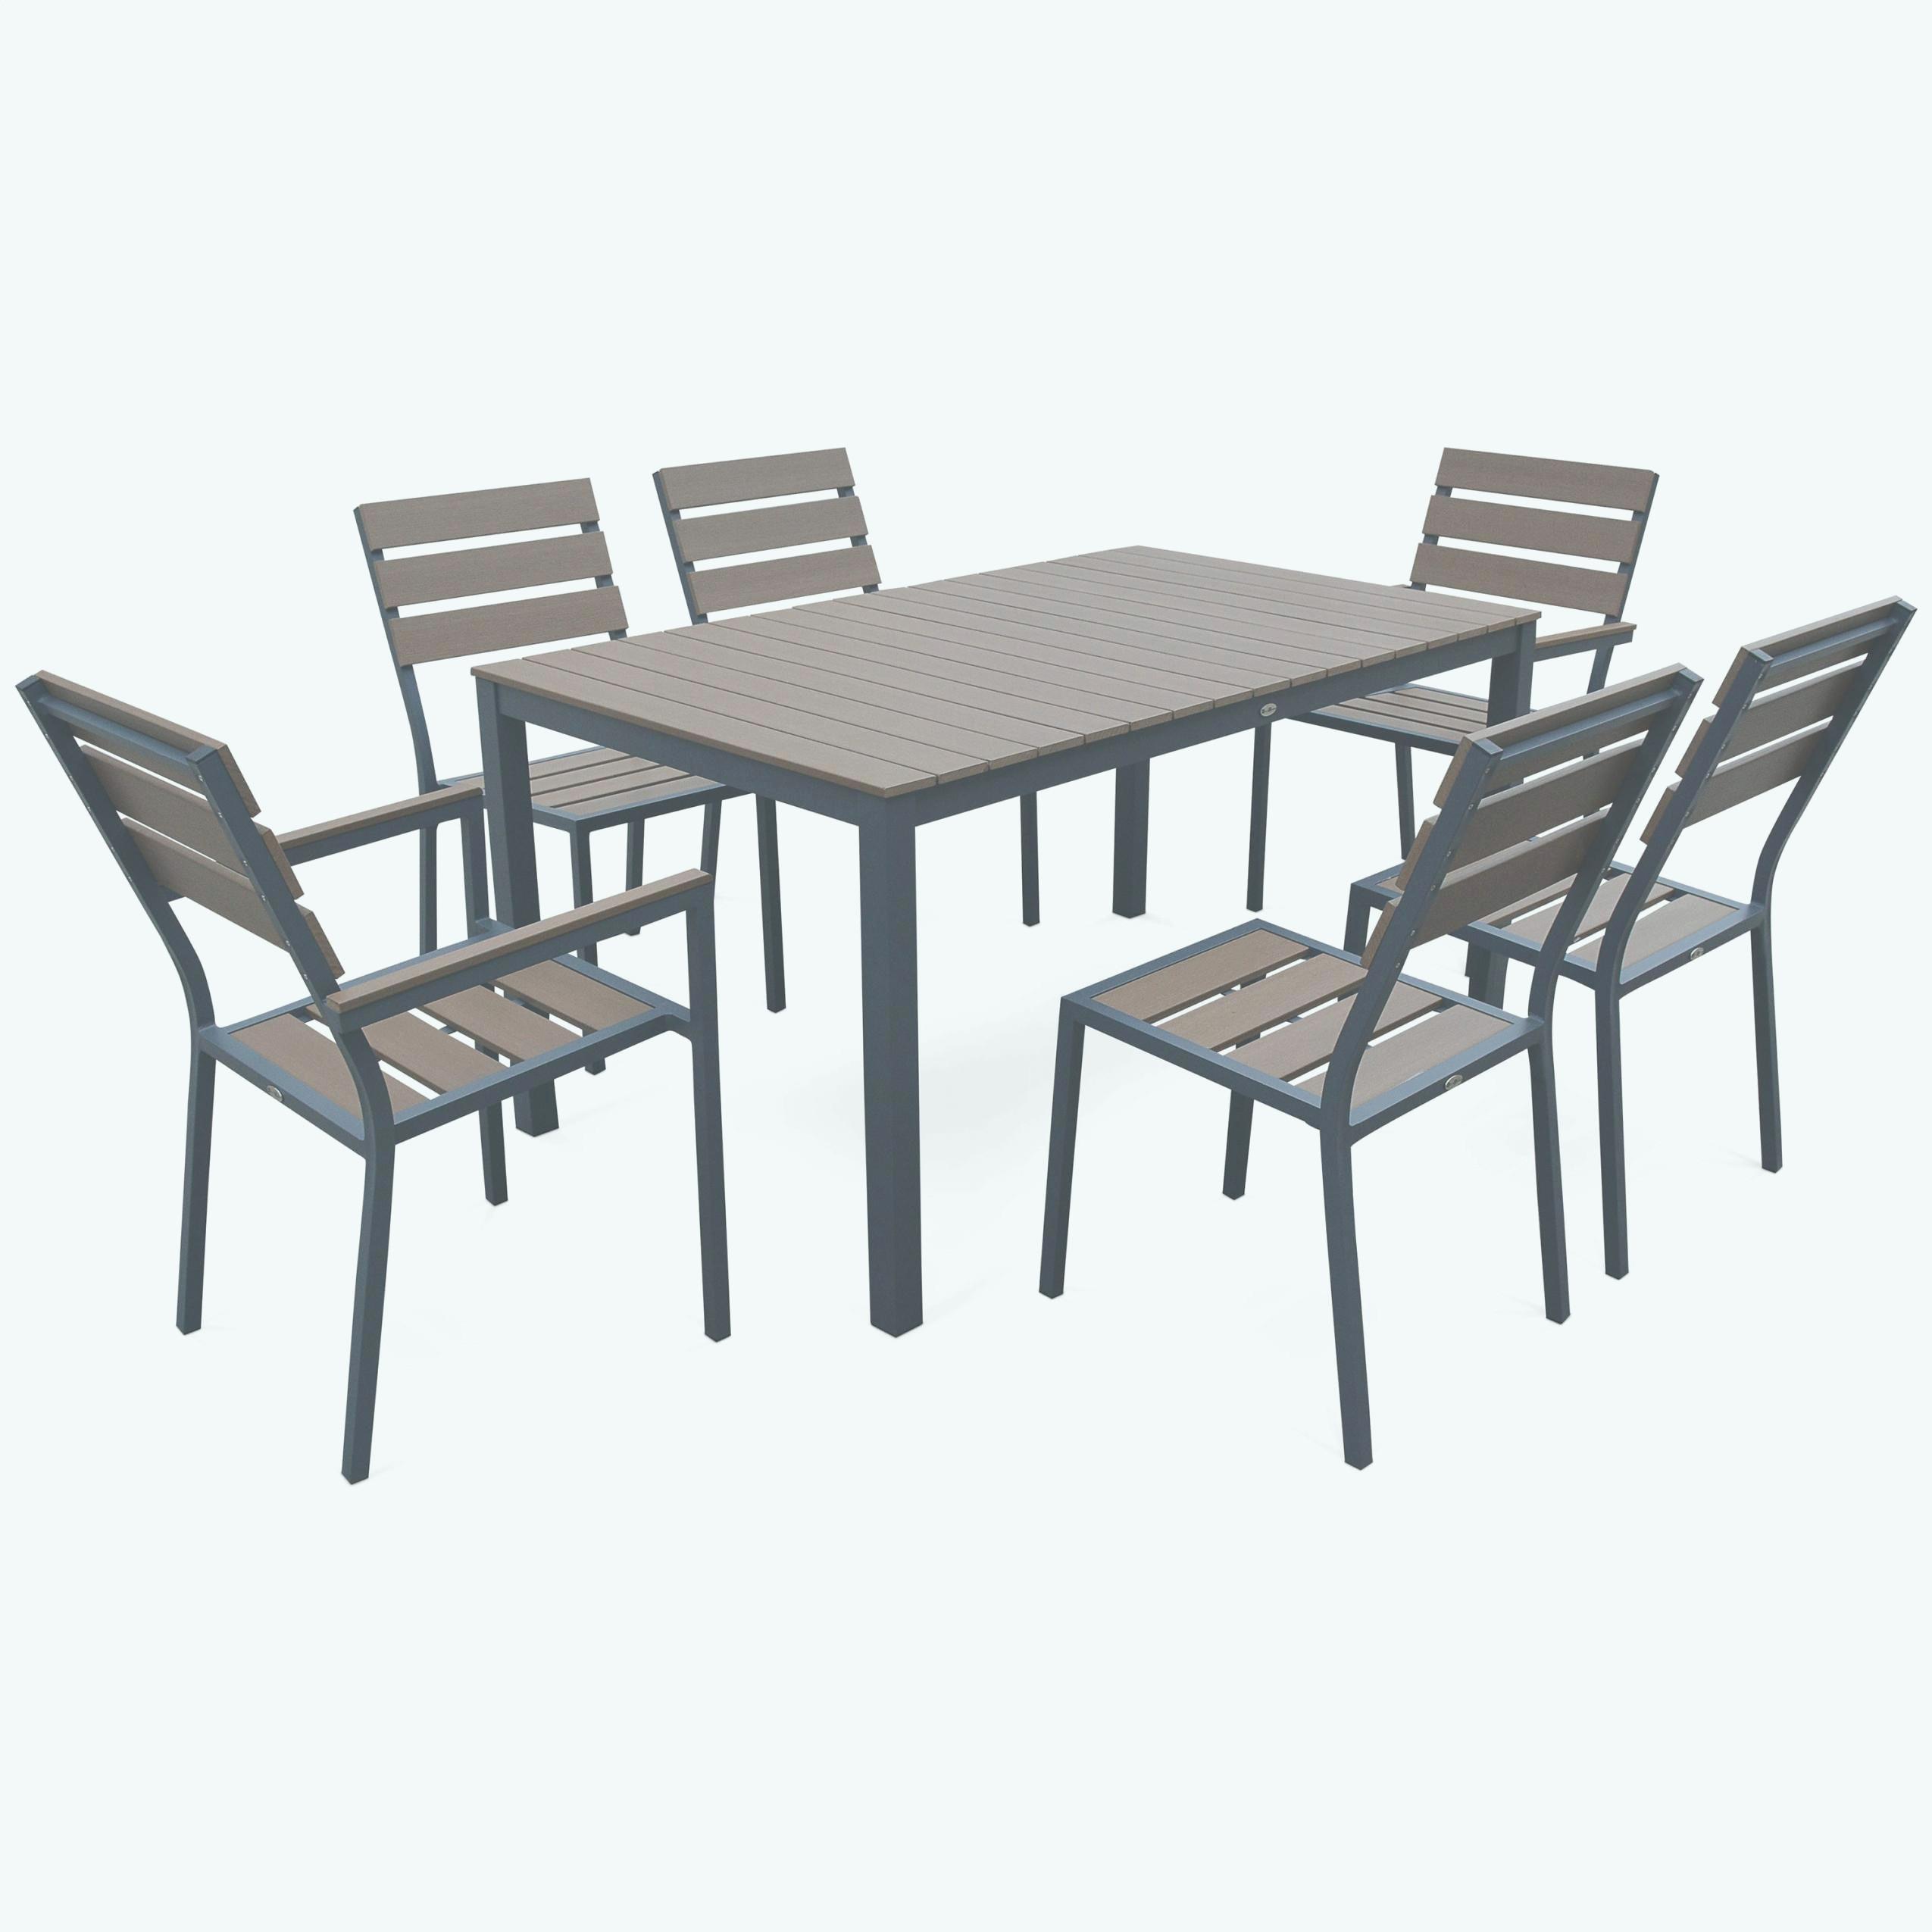 Table Basse Jardin Castorama Tendancesdesignfr